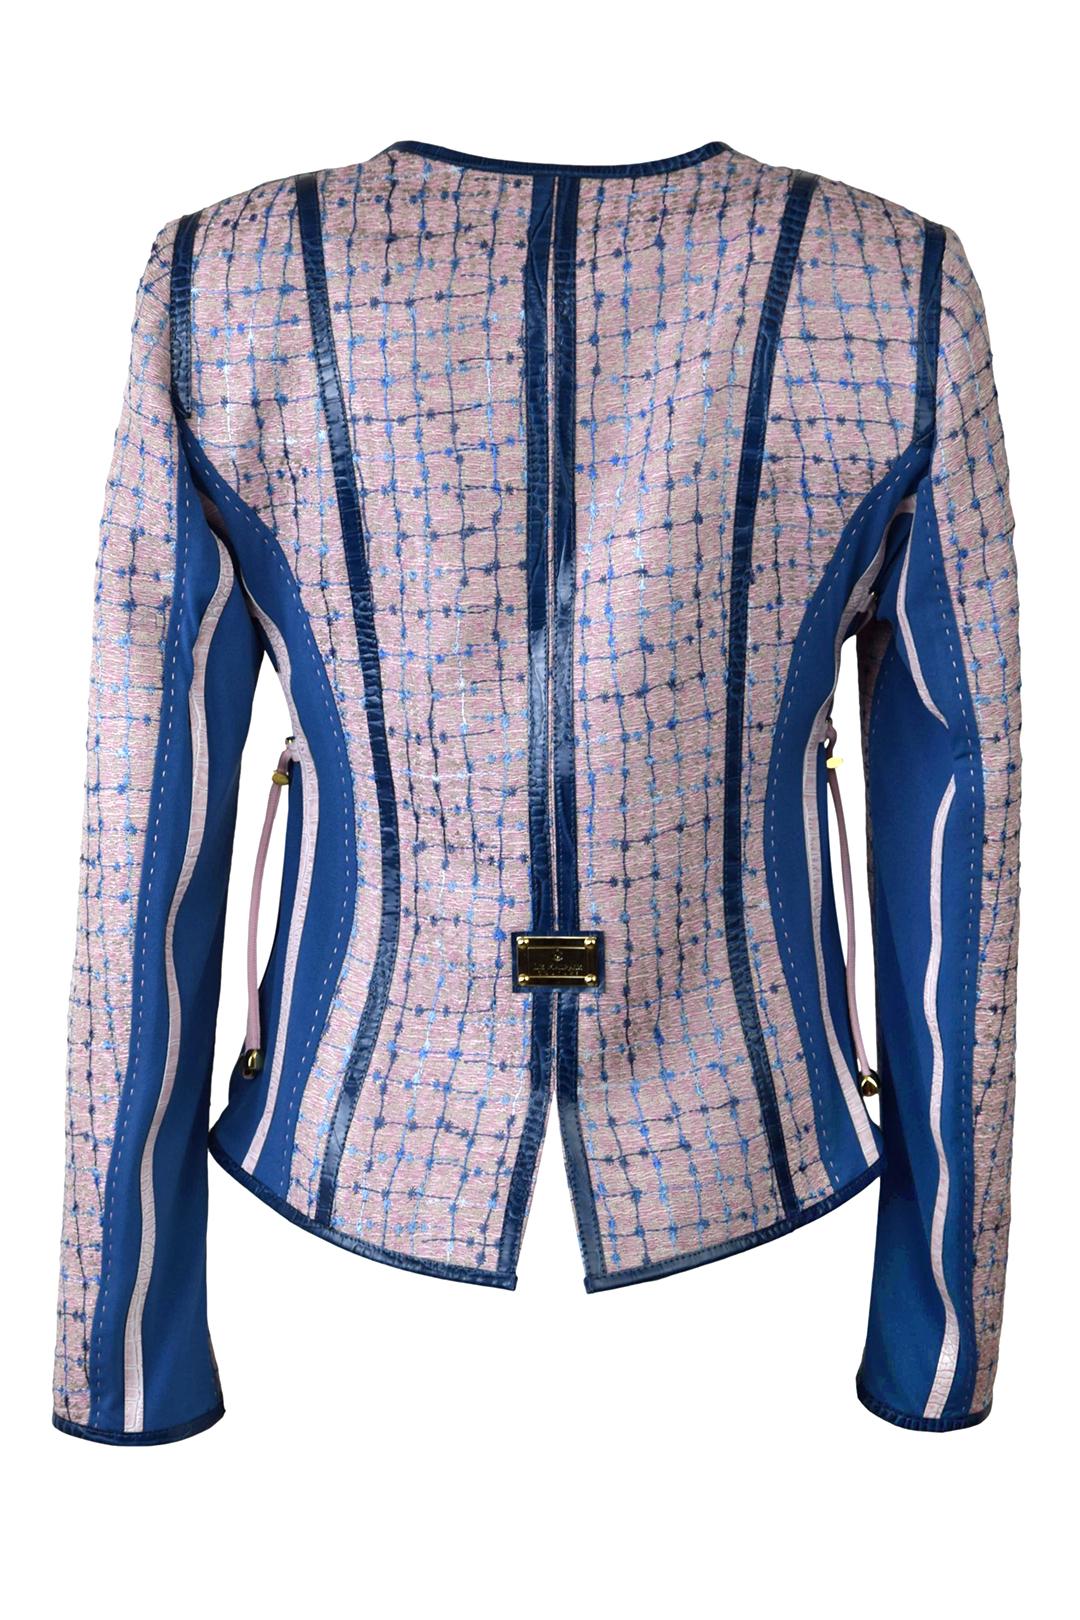 Jacke, besticktes Boucle mit Lackkontrasten und aufgesetzten Taschen, Multisize